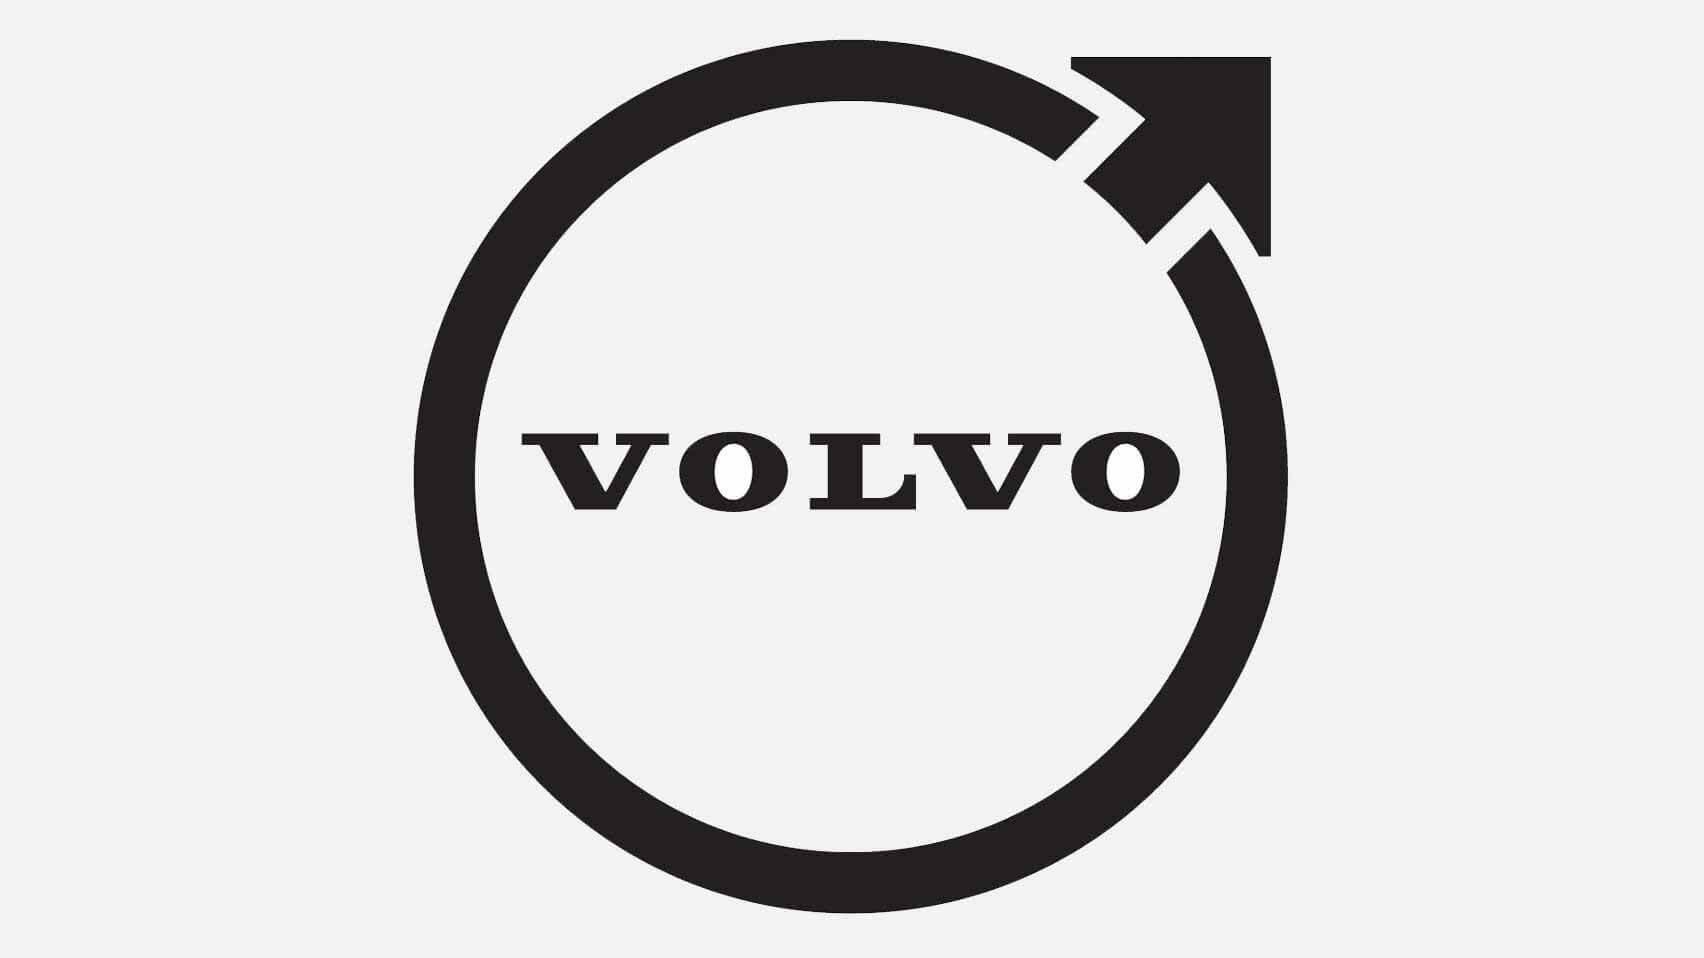 Последний автомобильный бренд Volvo представит плоский логотип